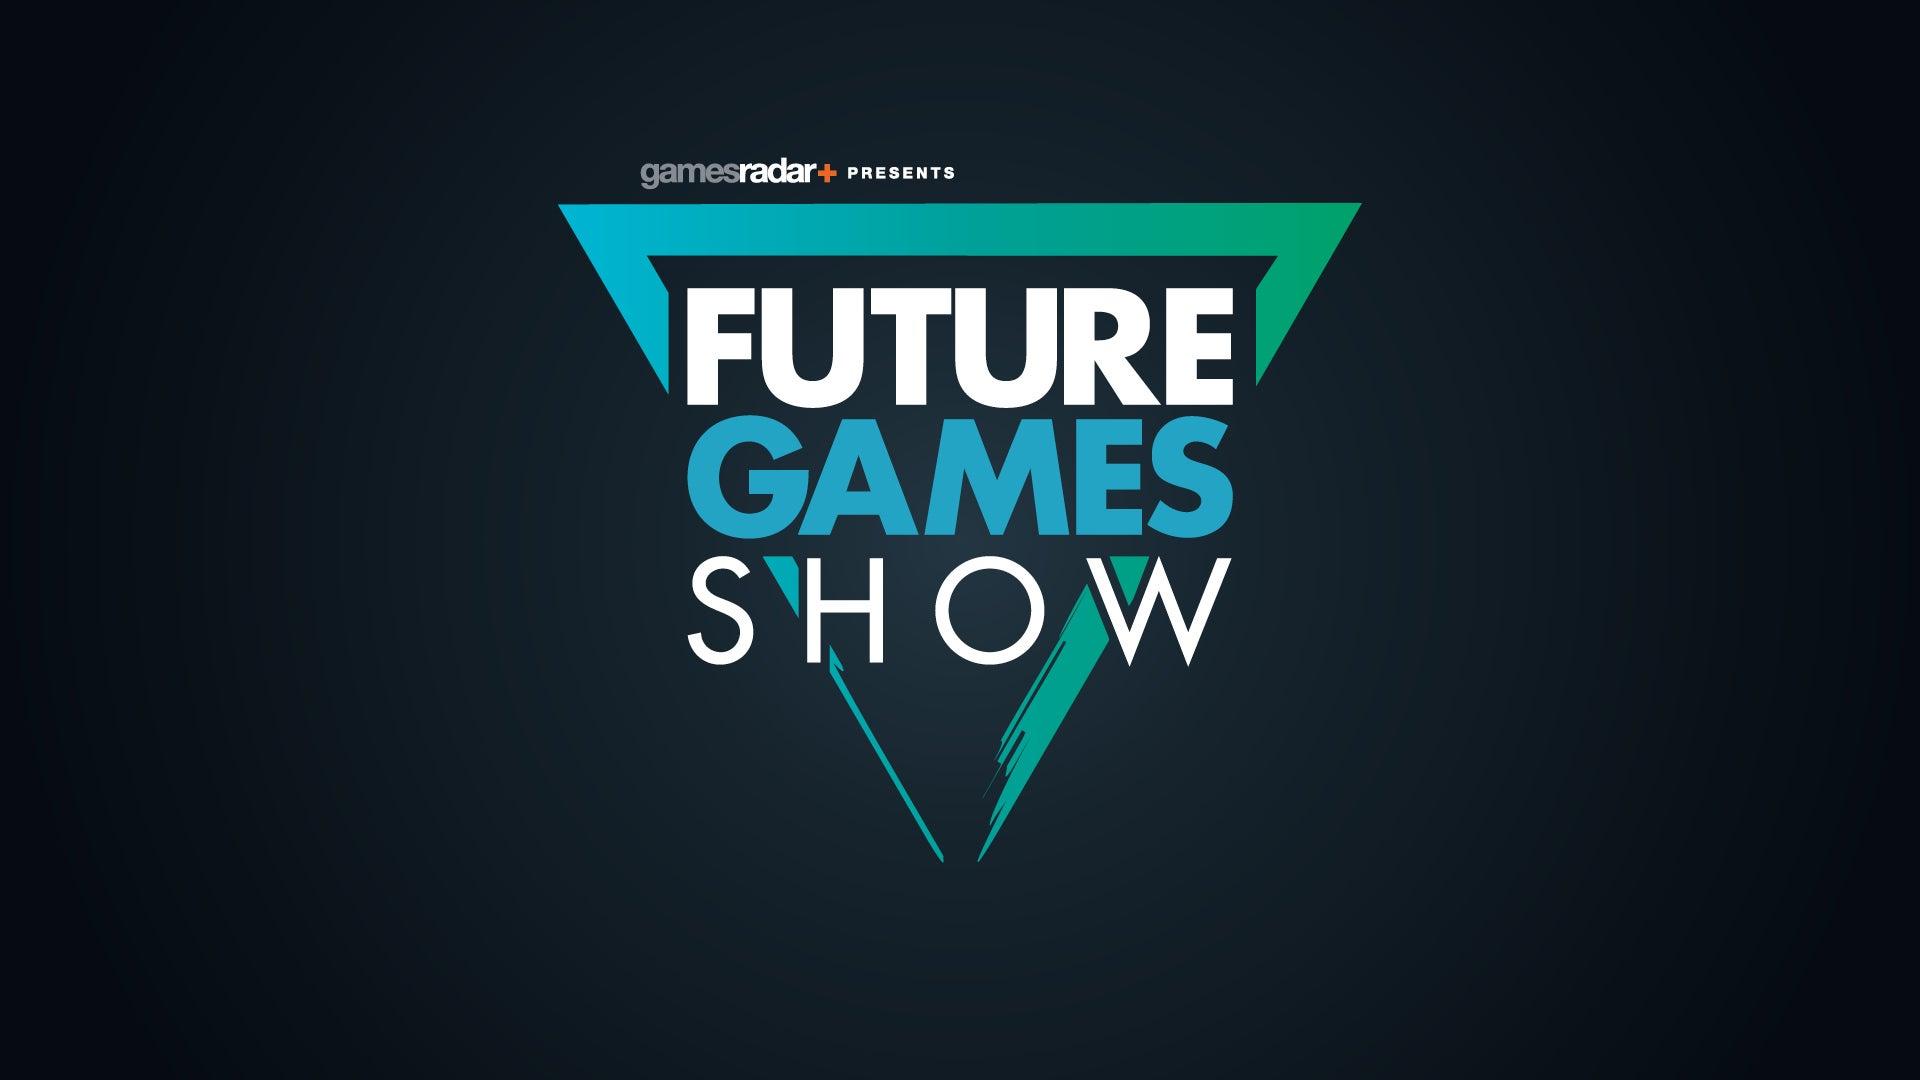 Se confirmó el Future Games Show en reemplazo del E3 2020 y se realizará en la misma época